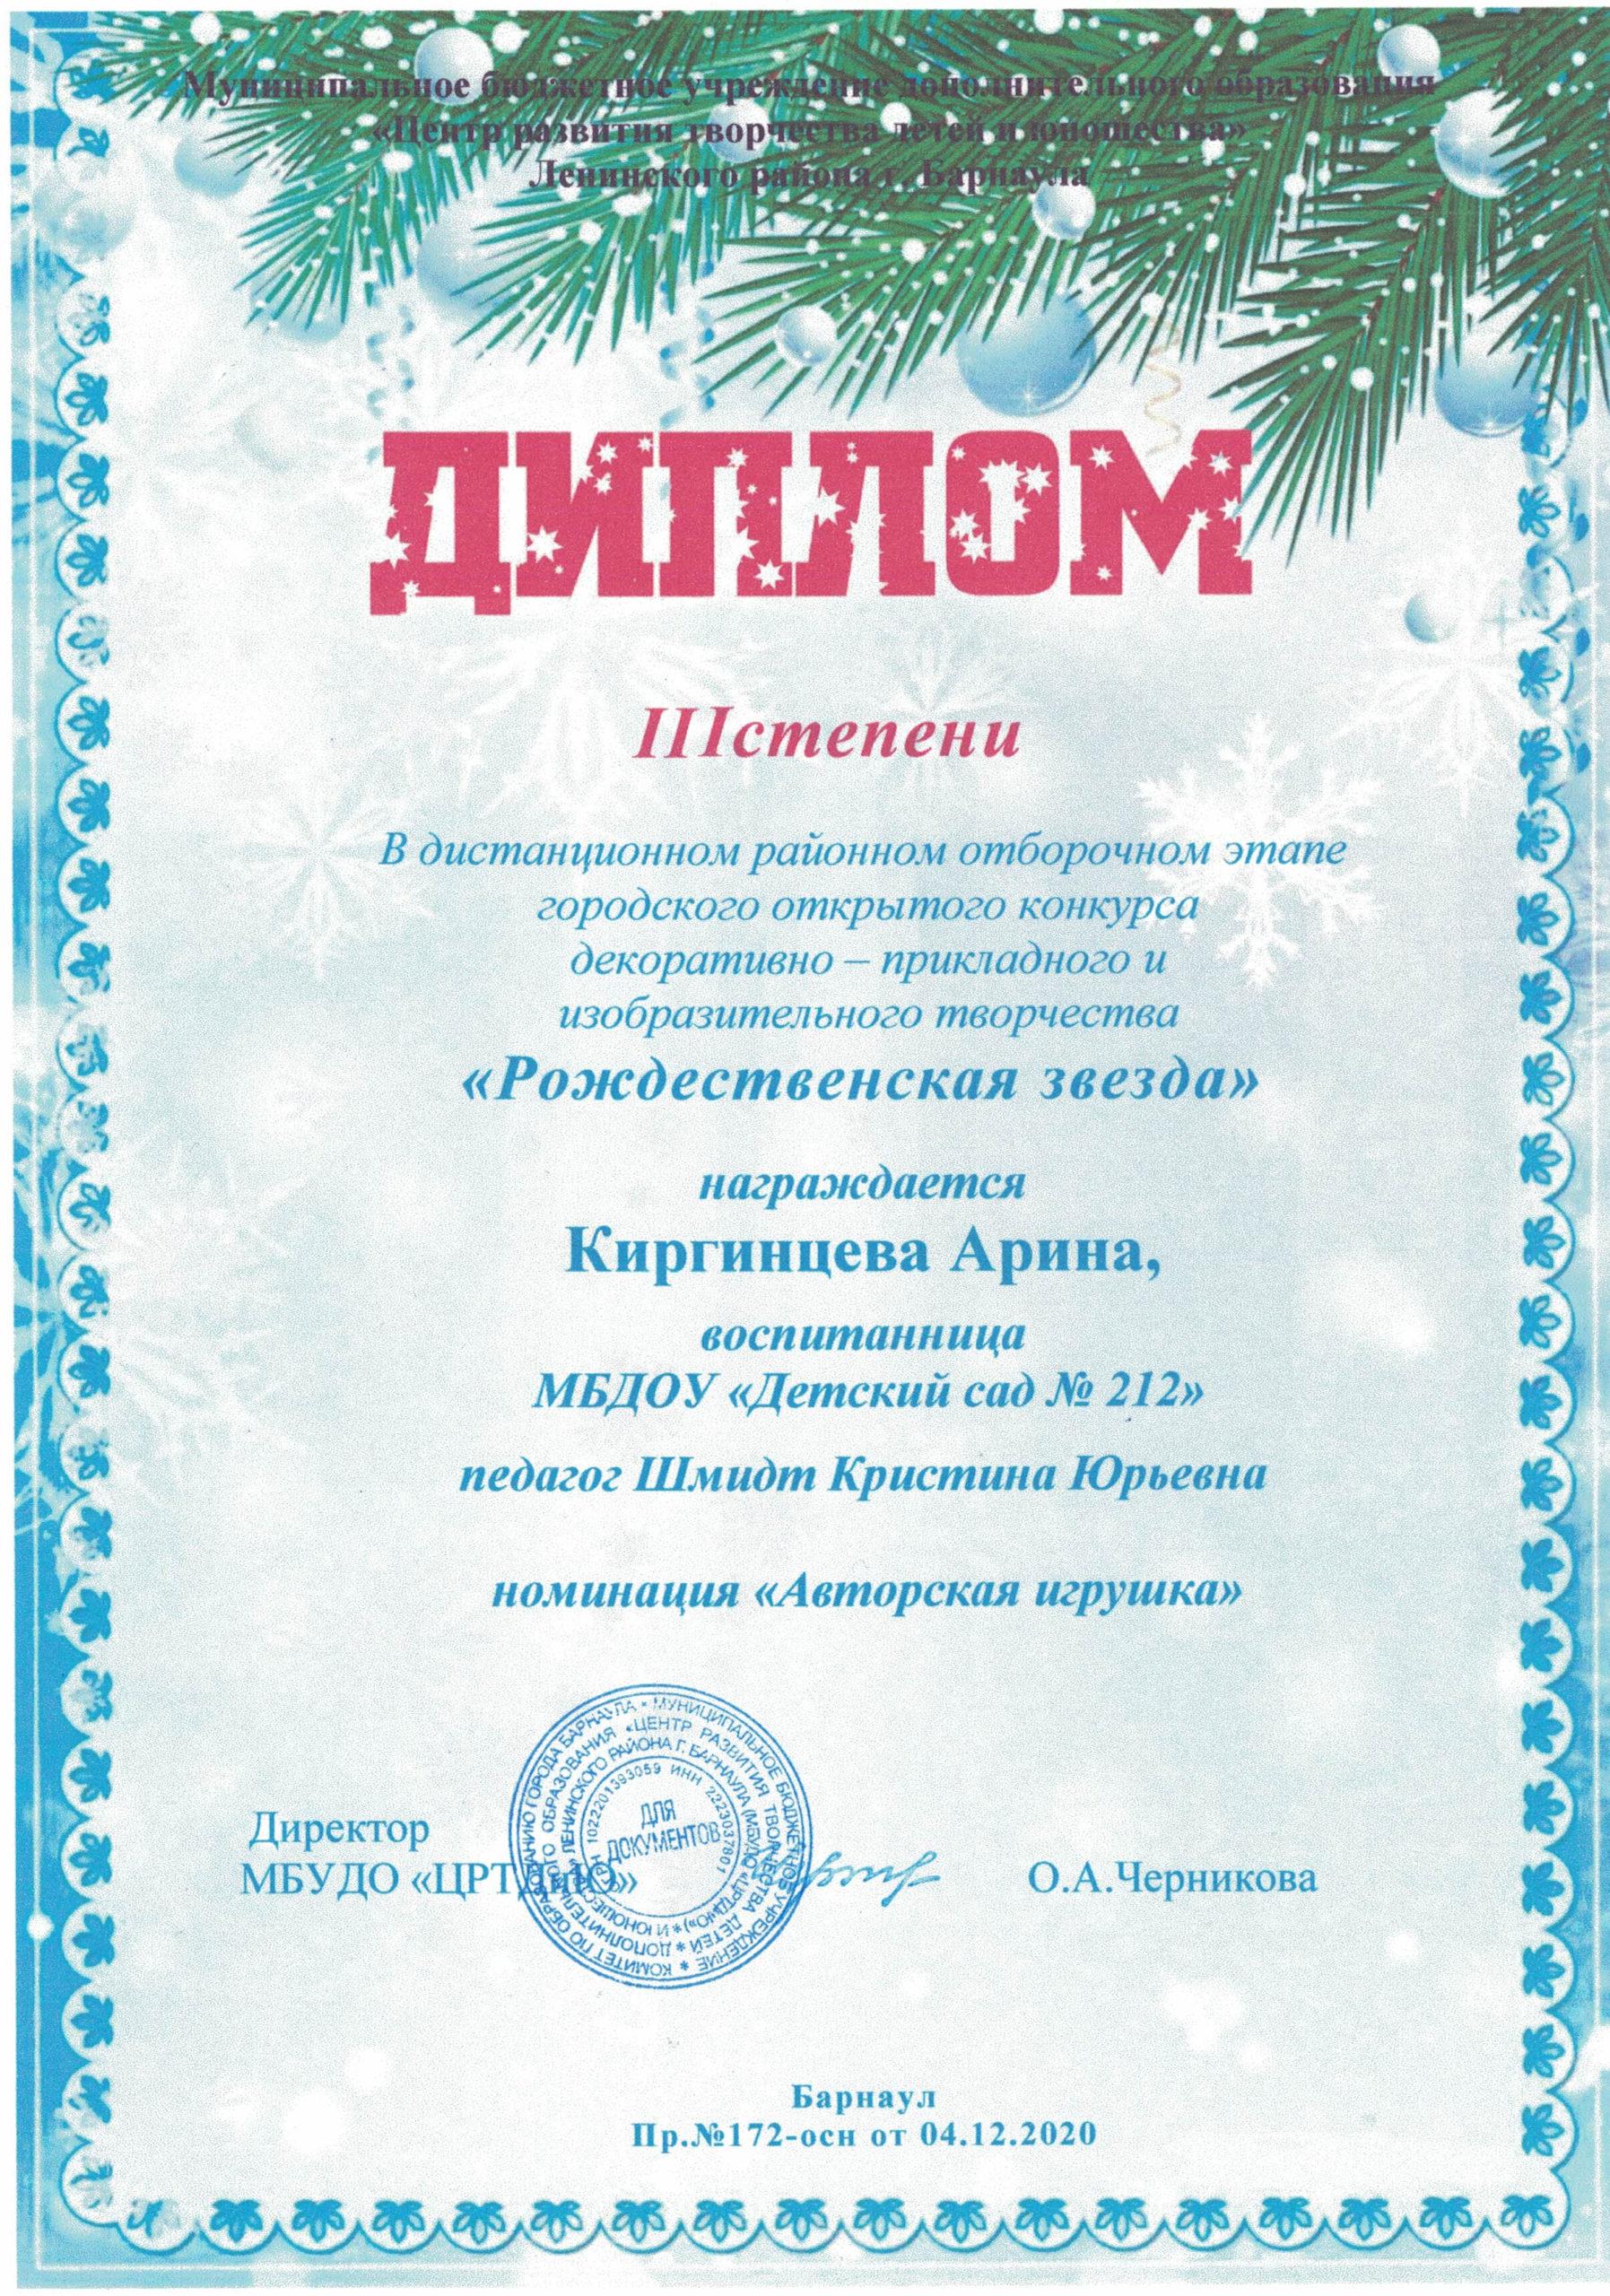 Диплом Рождественская звезда 114122020